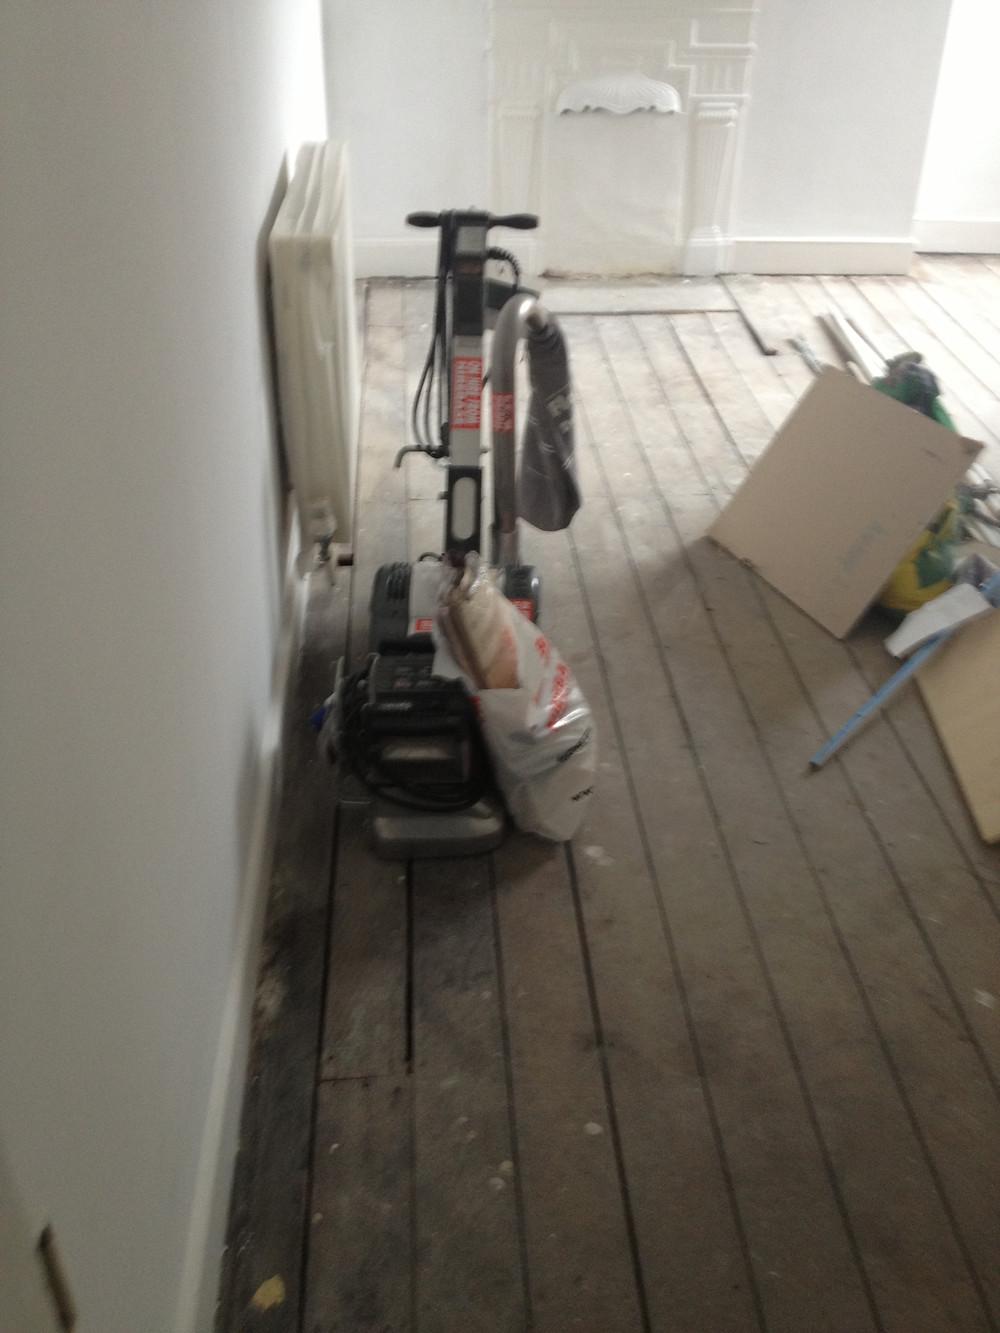 Floor boards before repair work